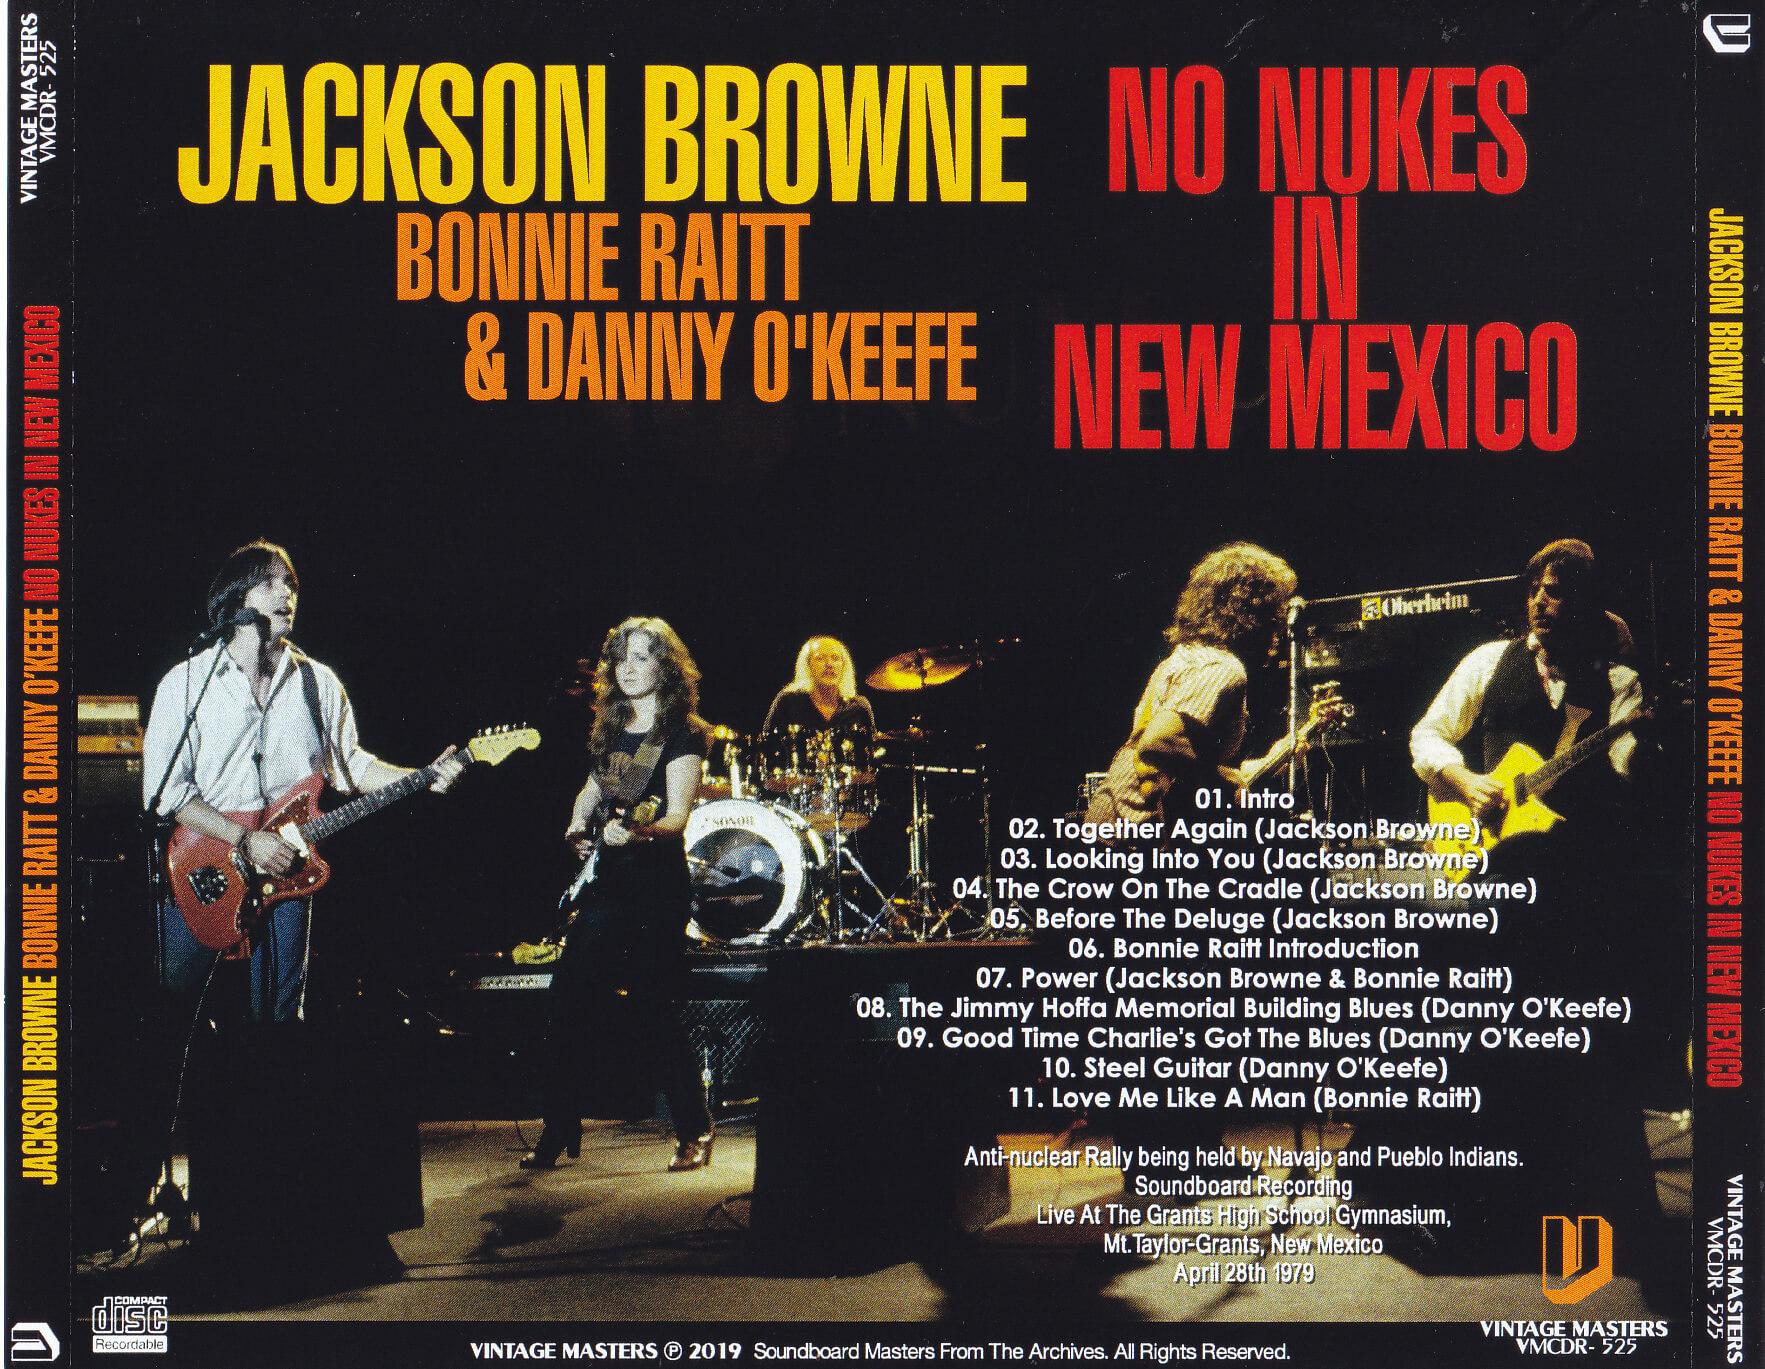 ผลการค้นหารูปภาพสำหรับ ่ jackson browne before the deluge no nuke